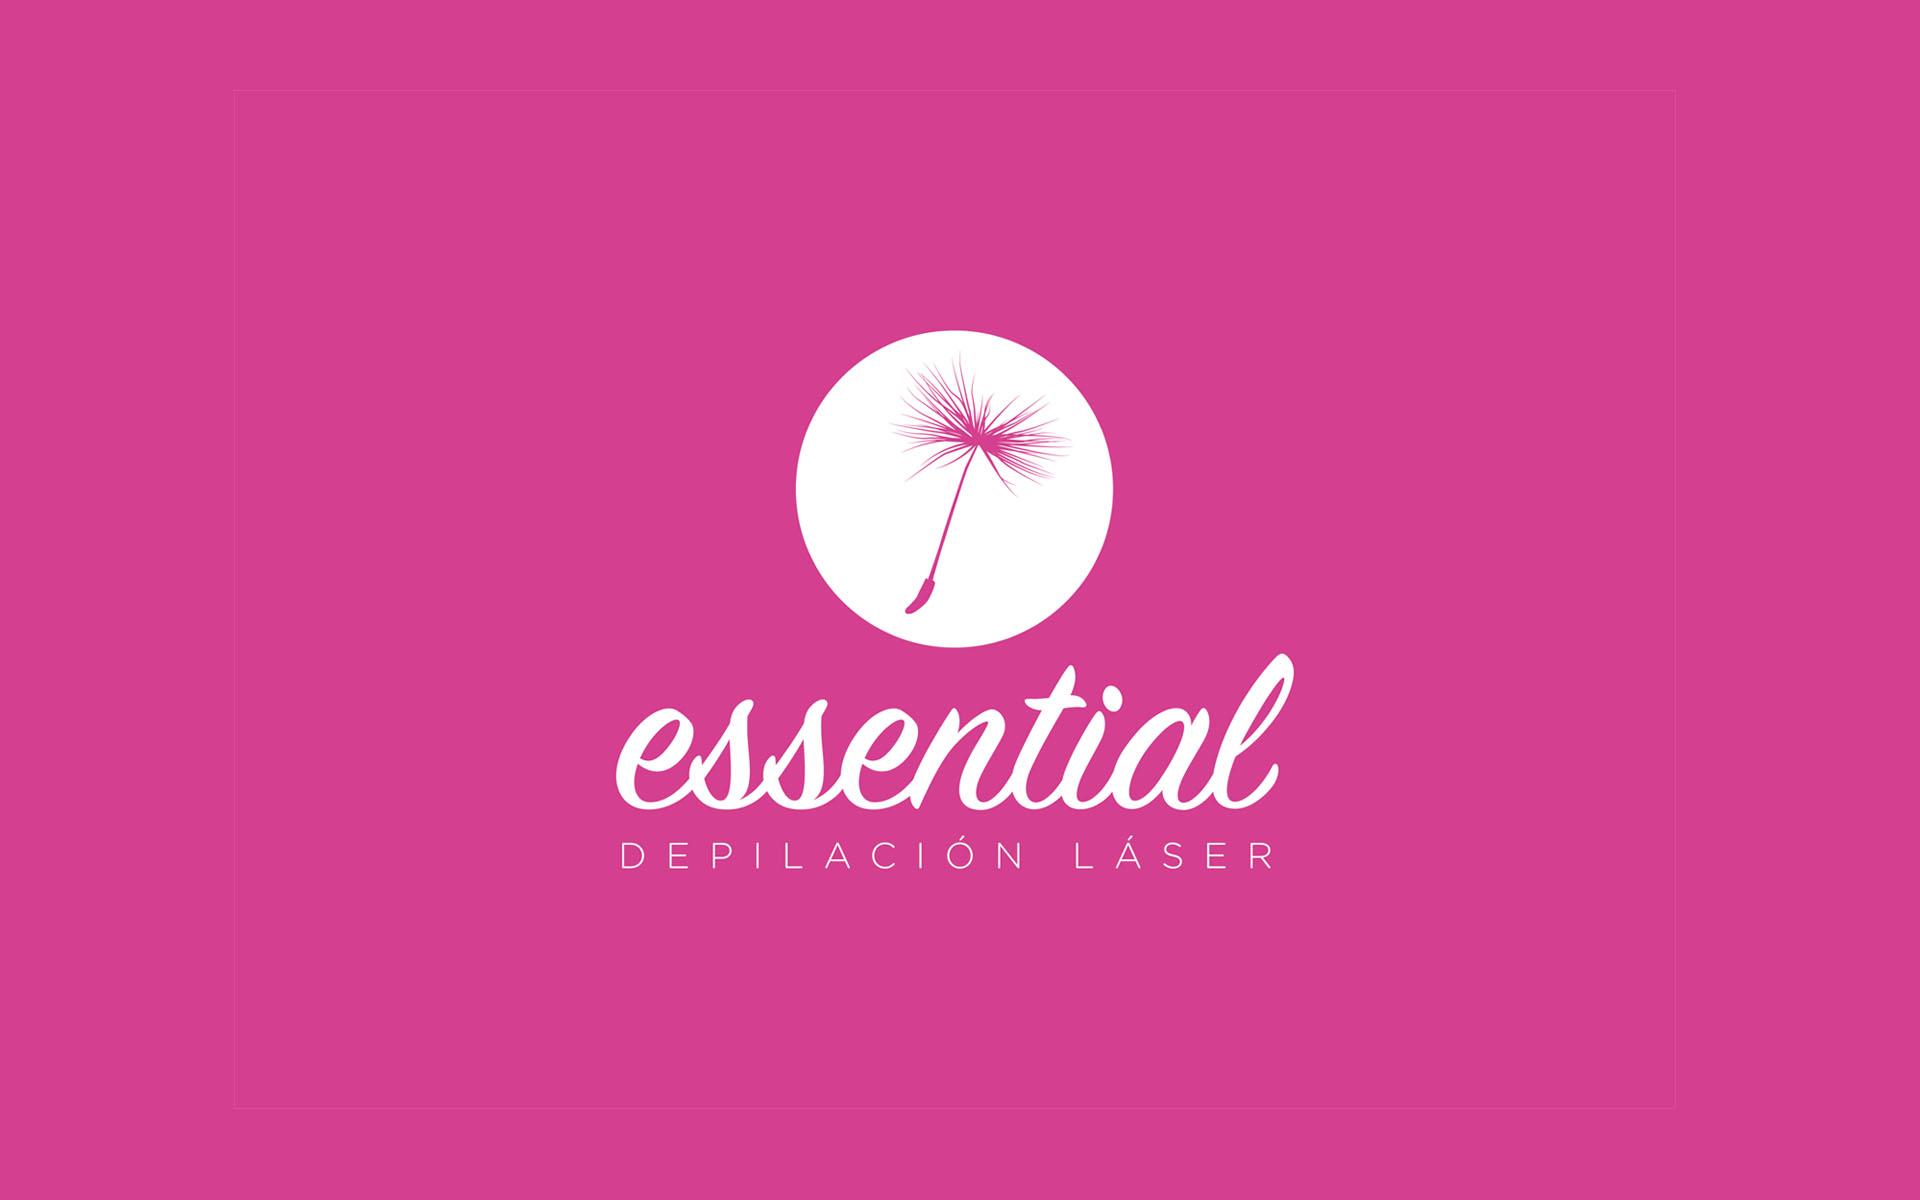 Logotipo Essential Depilación